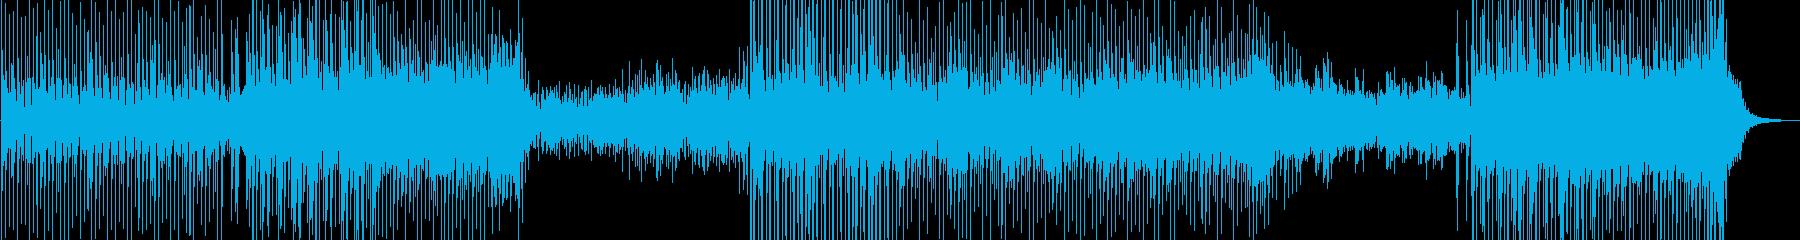 わずかなリズミカルなテクノとシンセ...の再生済みの波形